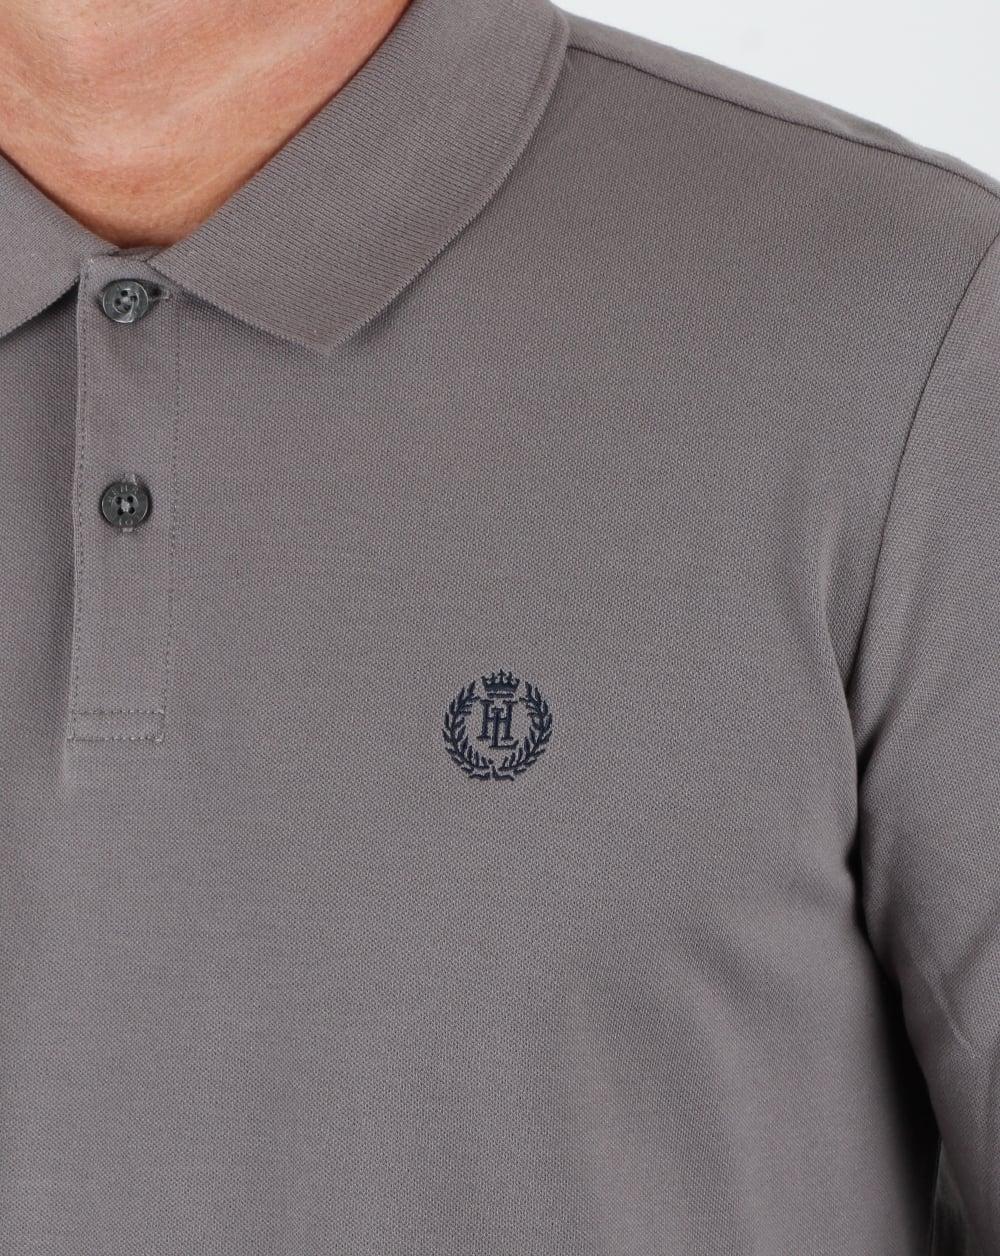 8e0f1532bc4 Henri Lloyd Musburry Ls Polo Shirt Flint Grey, Men's, Top